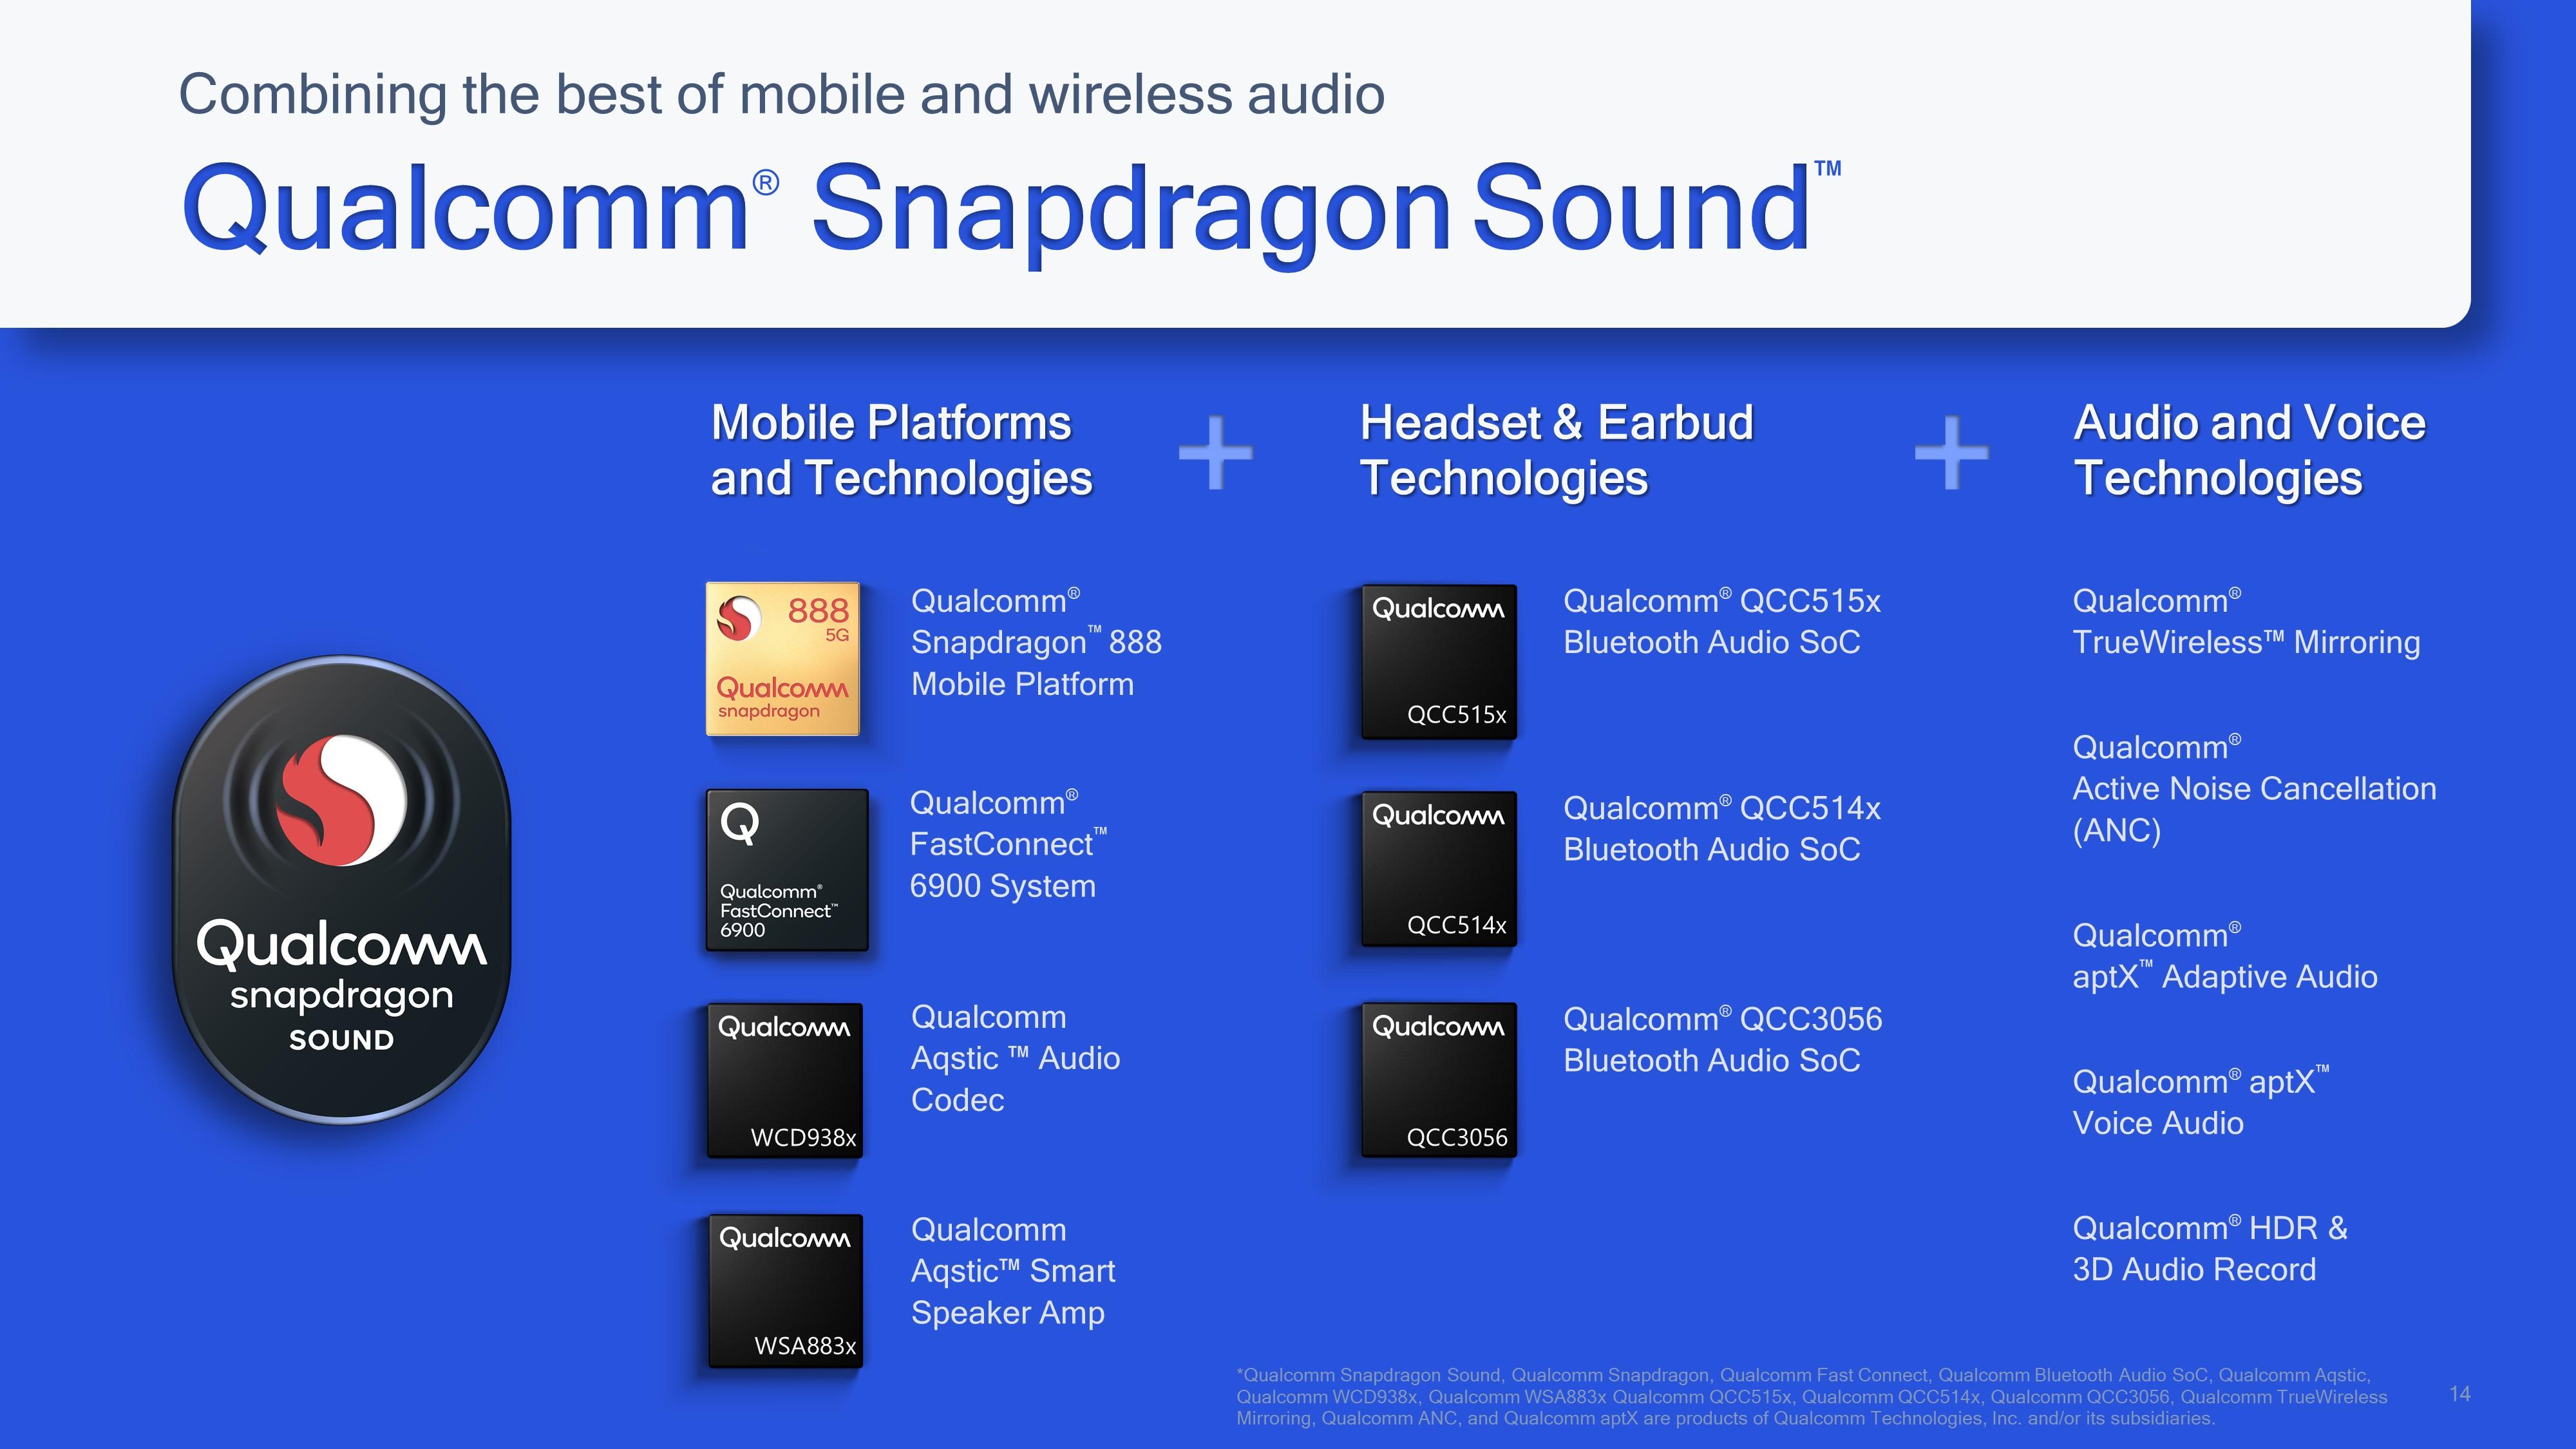 https://www.techboxlab.com.br/images/conteudo/hardware/qualcommsound2.jpg